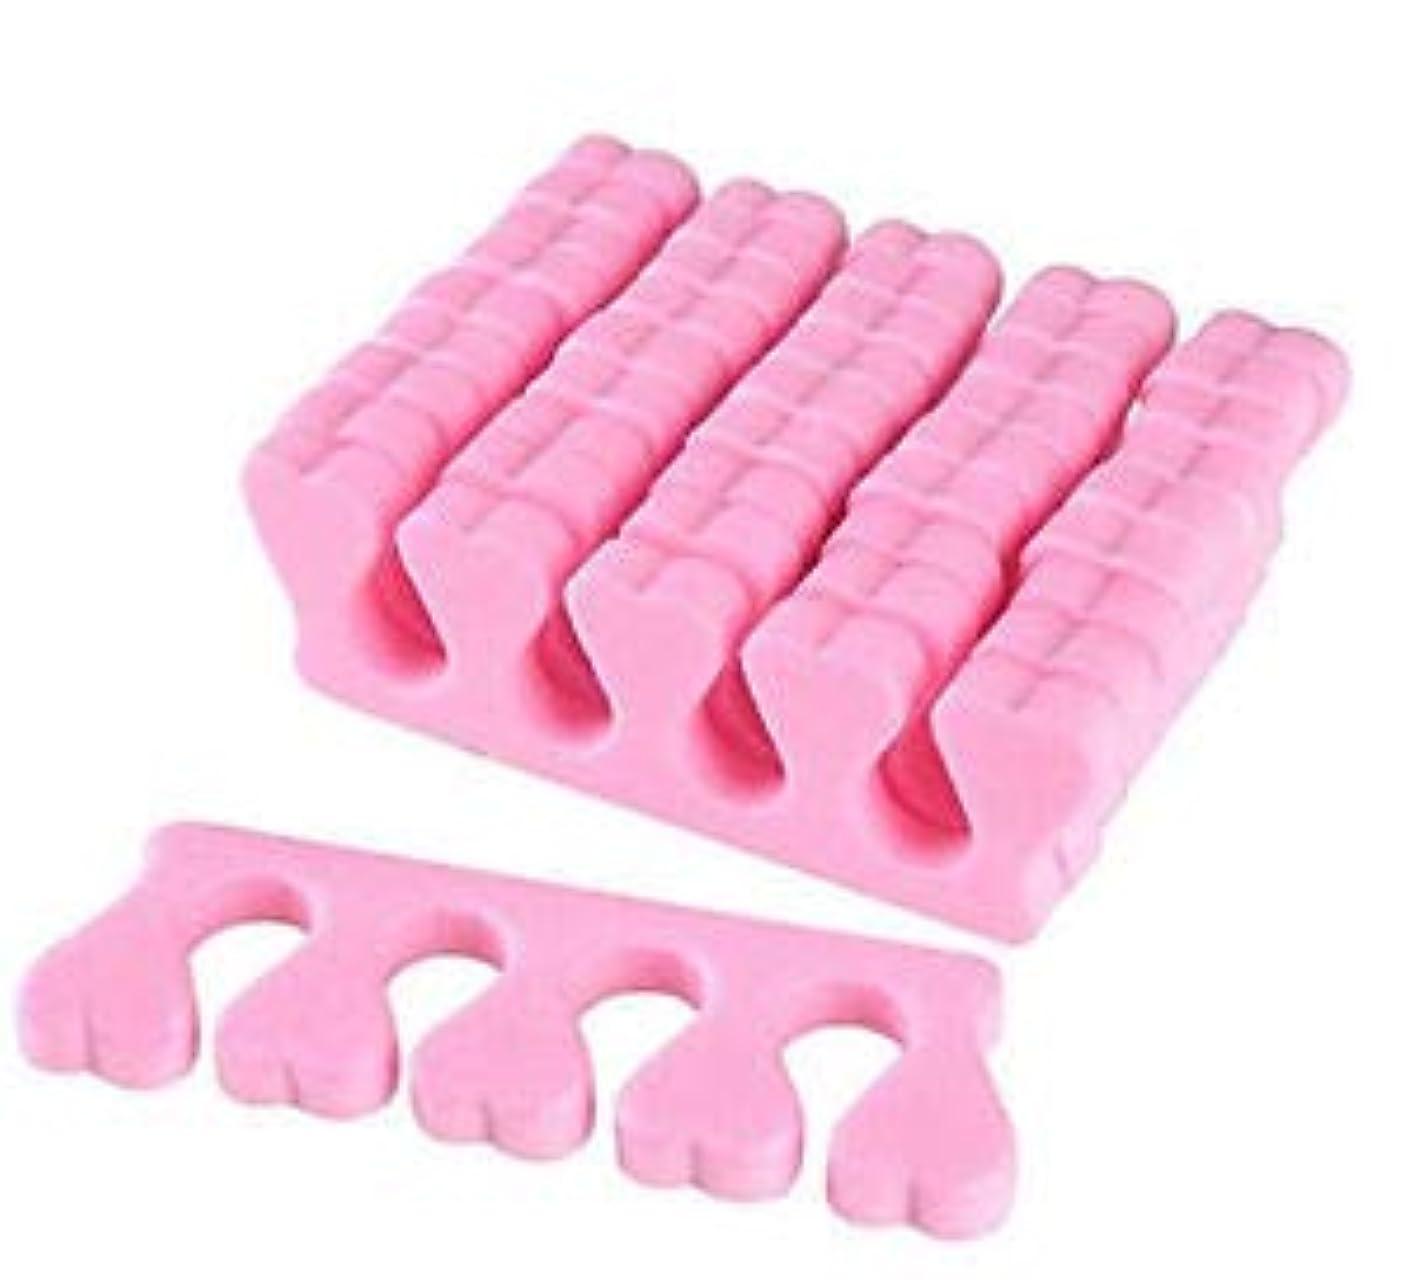 不屈必要ないコピーつま先のセパレータ 足指セパレーター ネイル アート つま先区切り アートペディキュア マニキュア 爪切りセット ピンク 50ペアセット